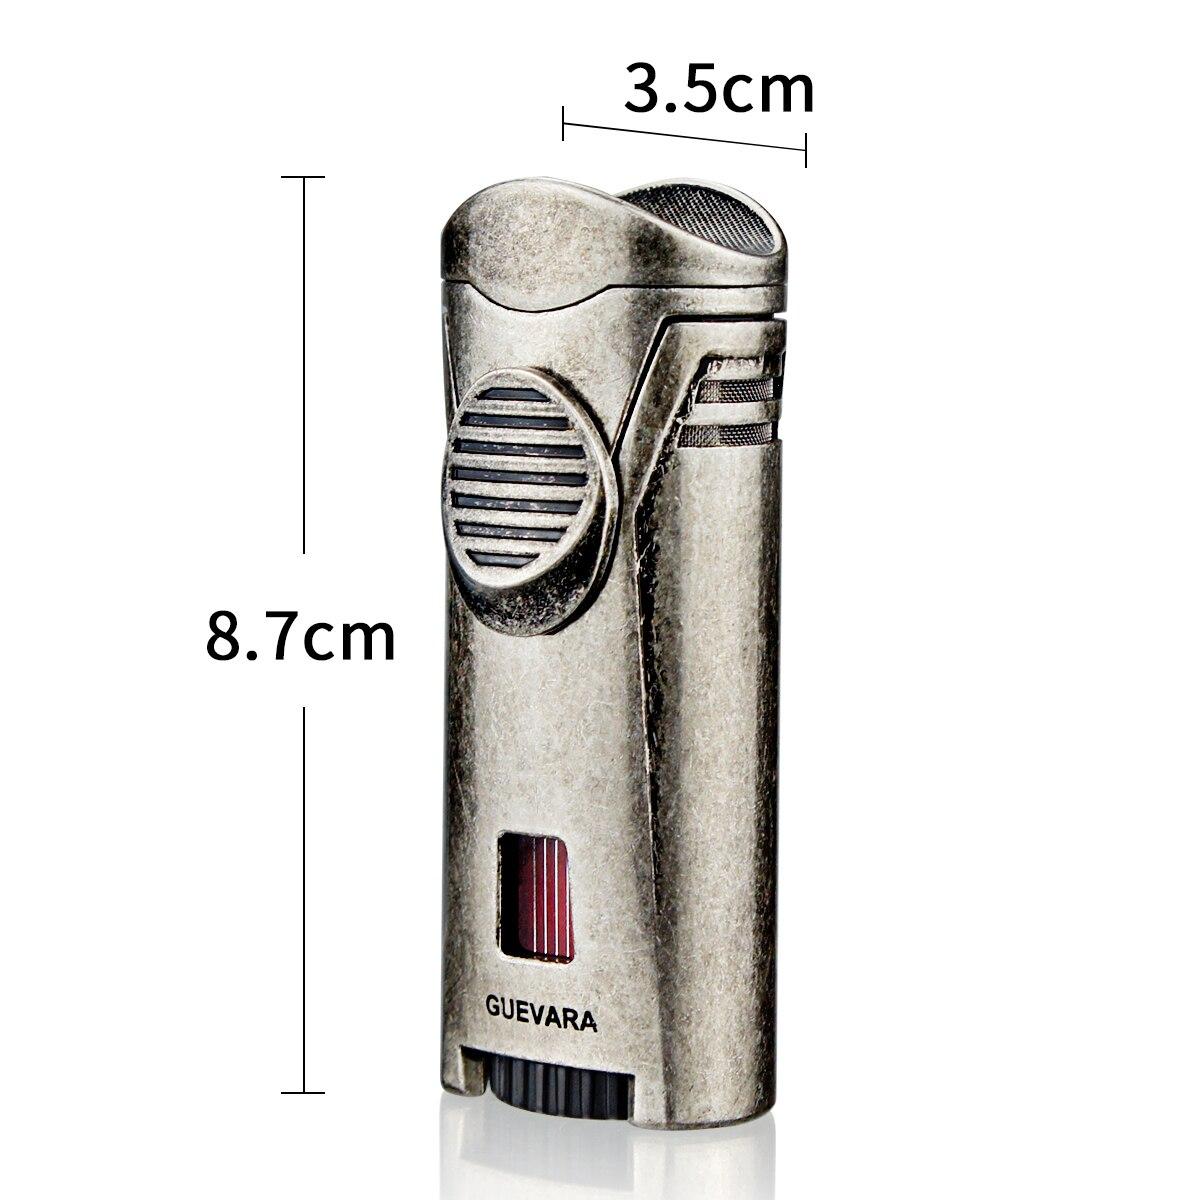 Купить гевары маленькая металлическая ветрозащитная мини карман с питанием